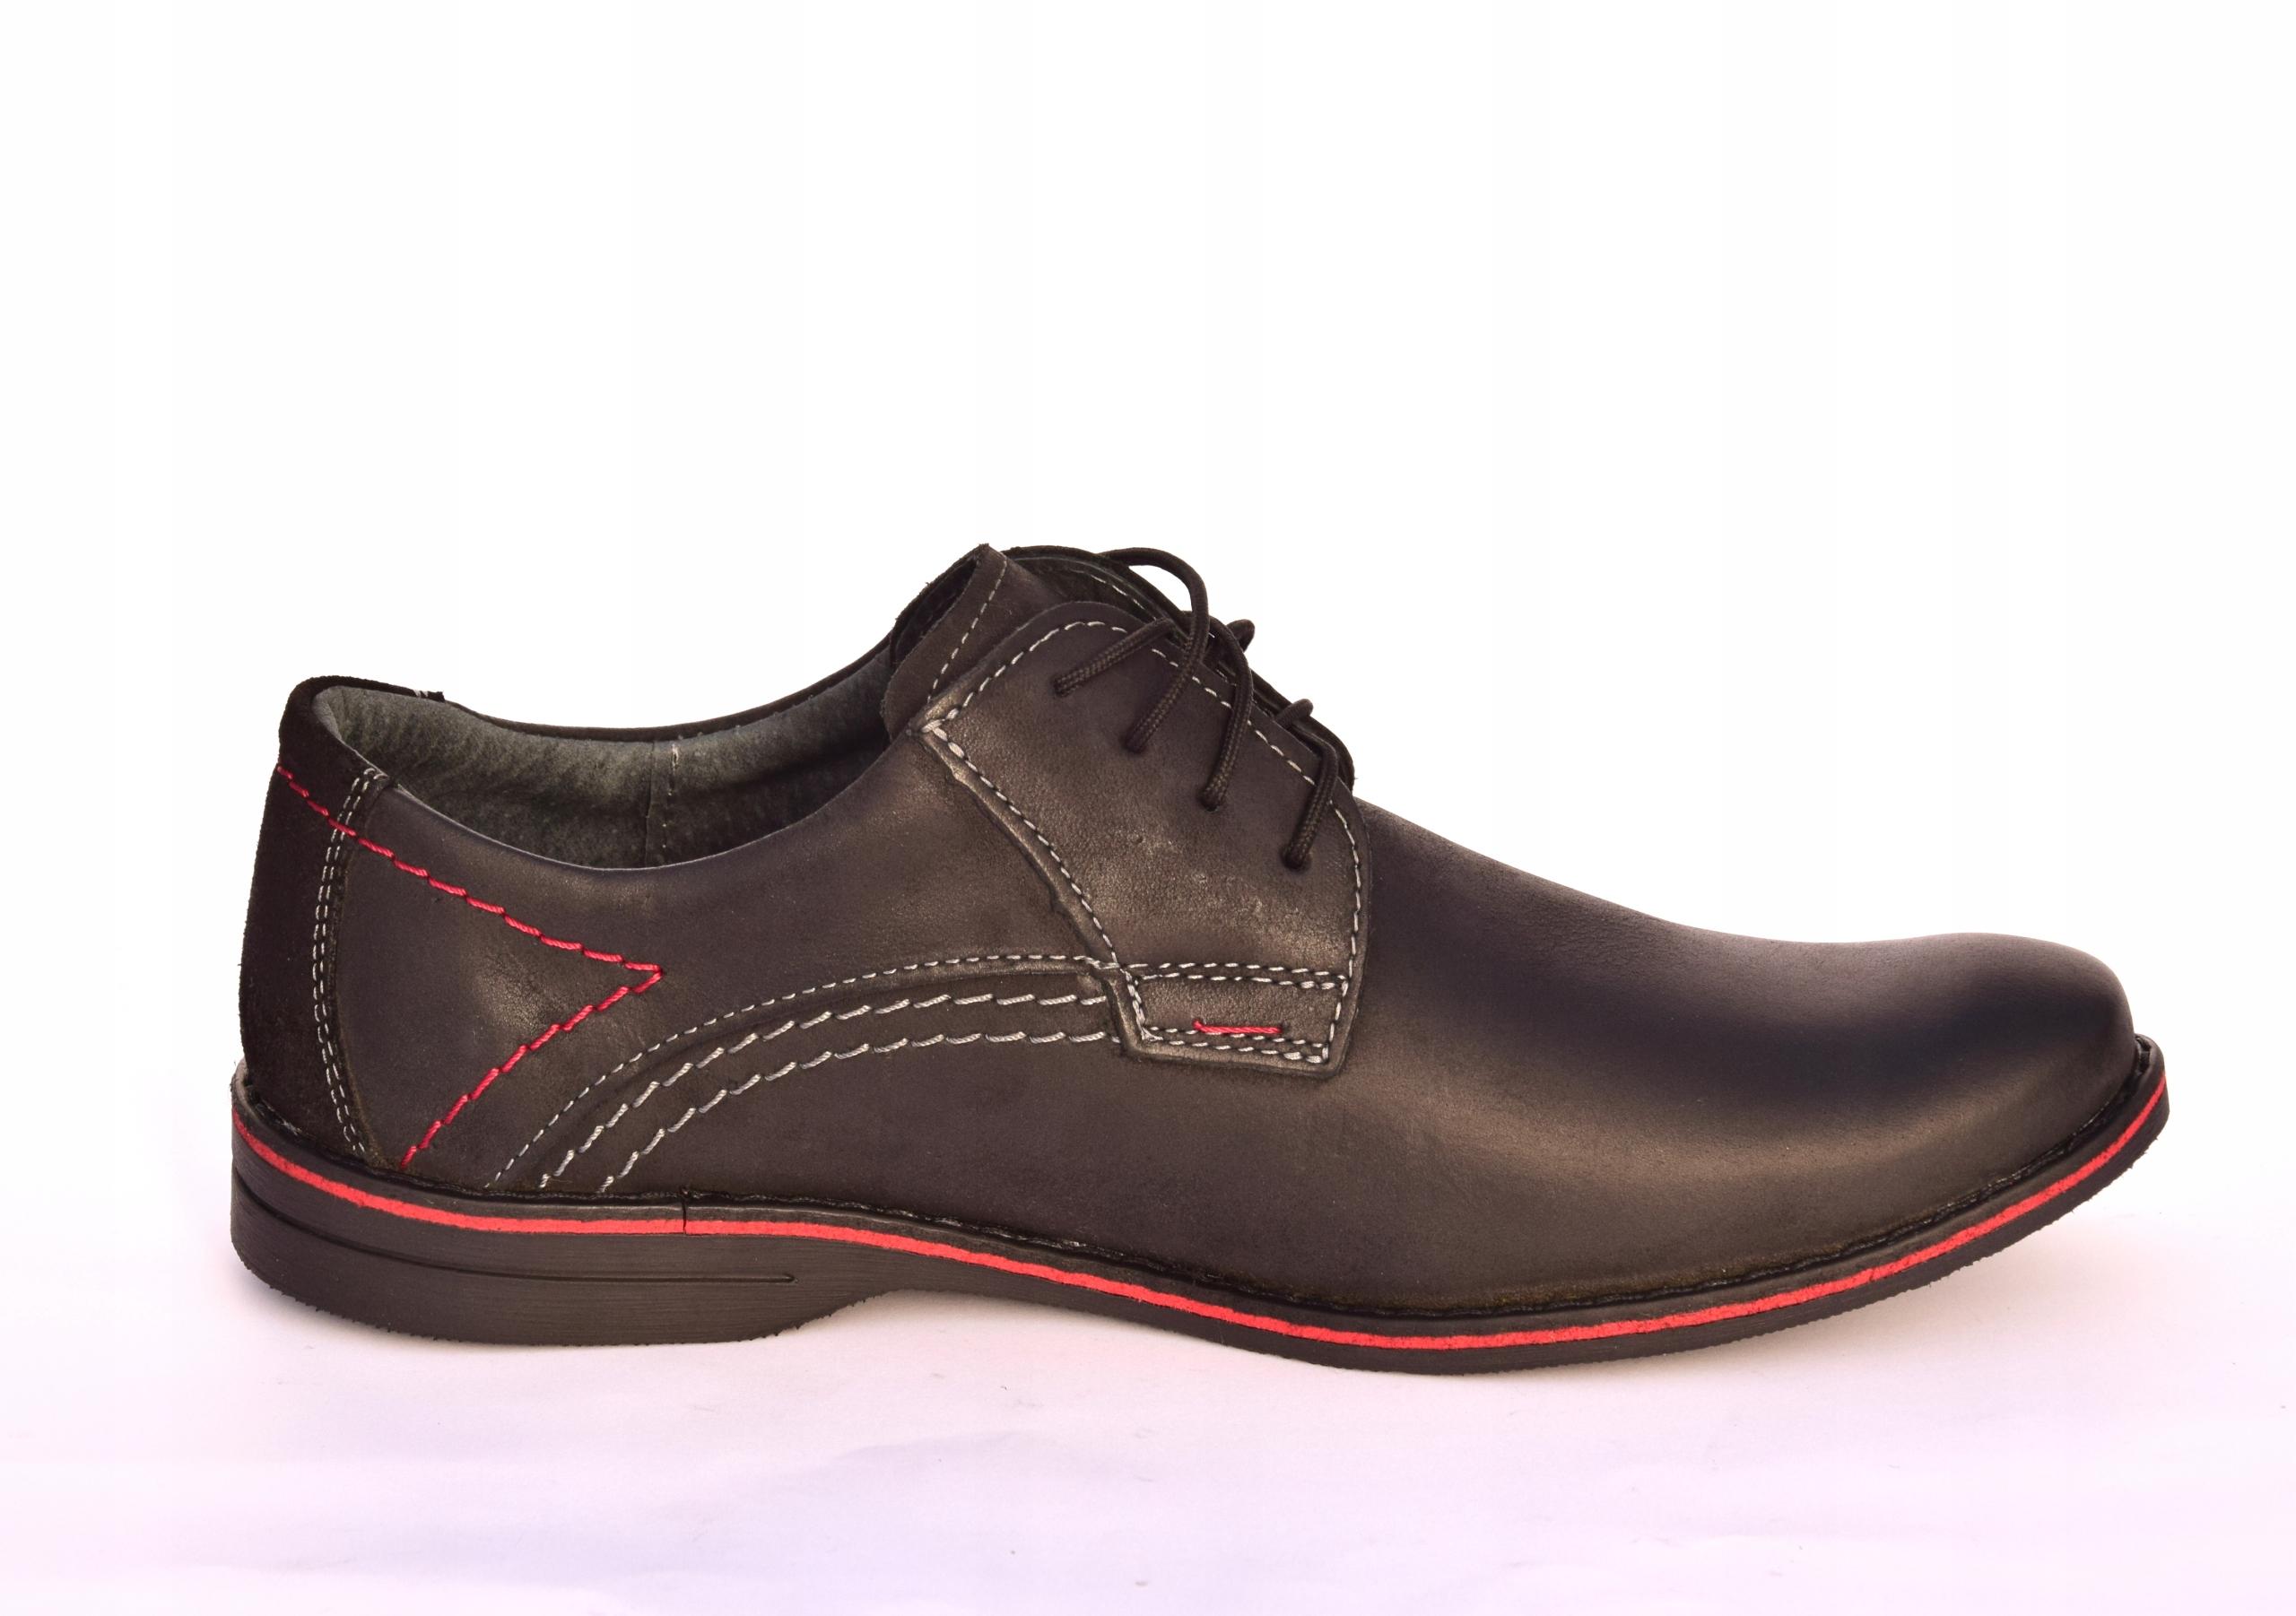 Buty męskie casual obuwie skórzane polskie 242 Marka inna